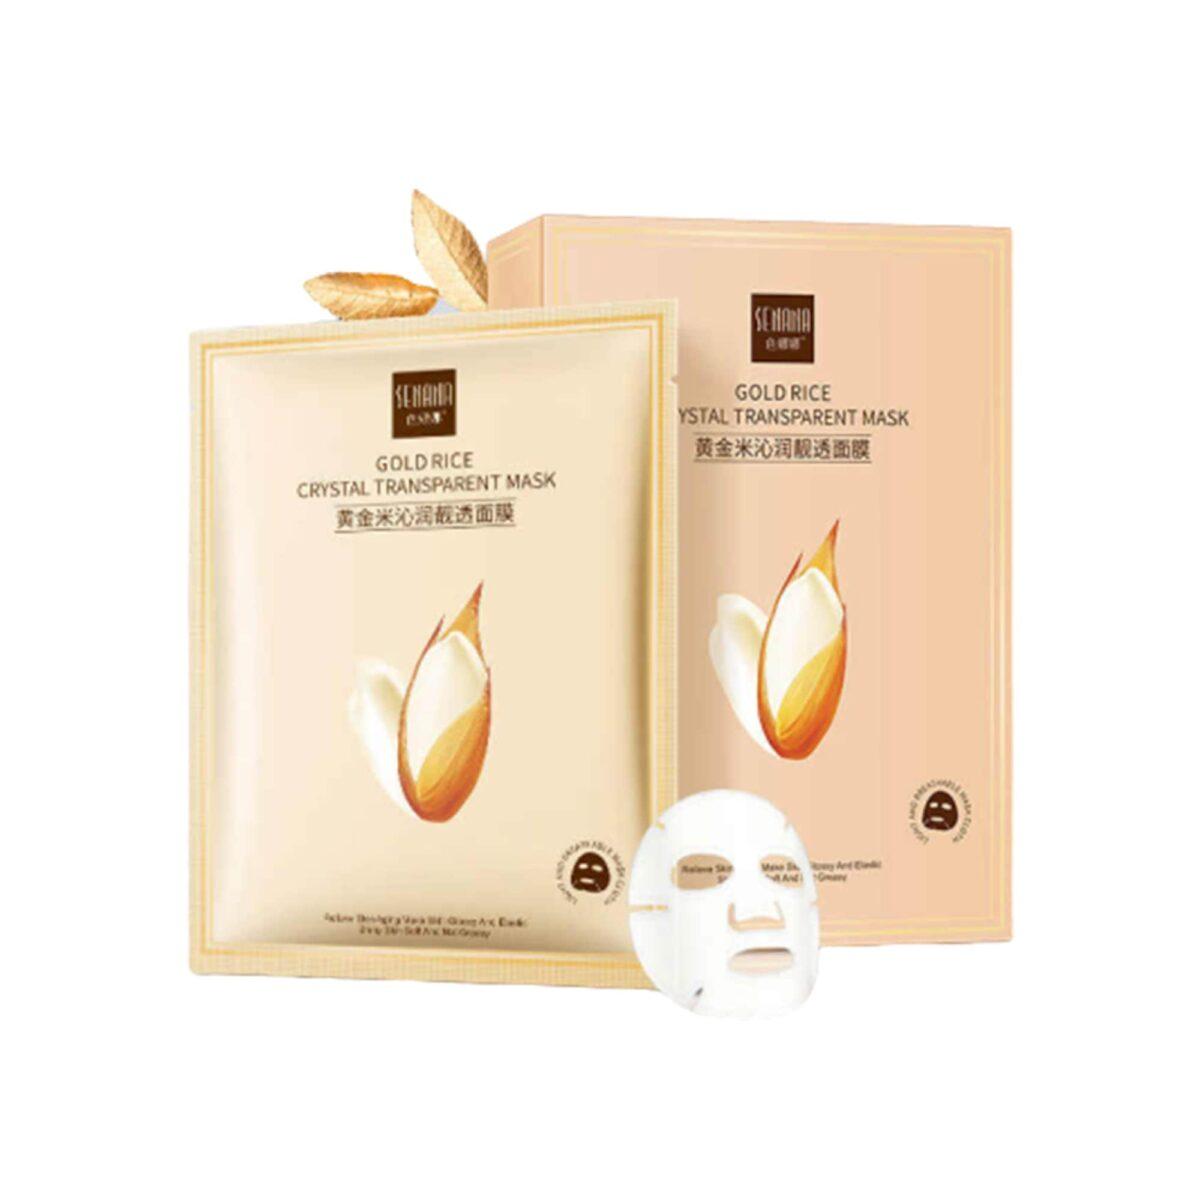 ماسک ورقه ای شفاف کننده کریستال برنج طلایی